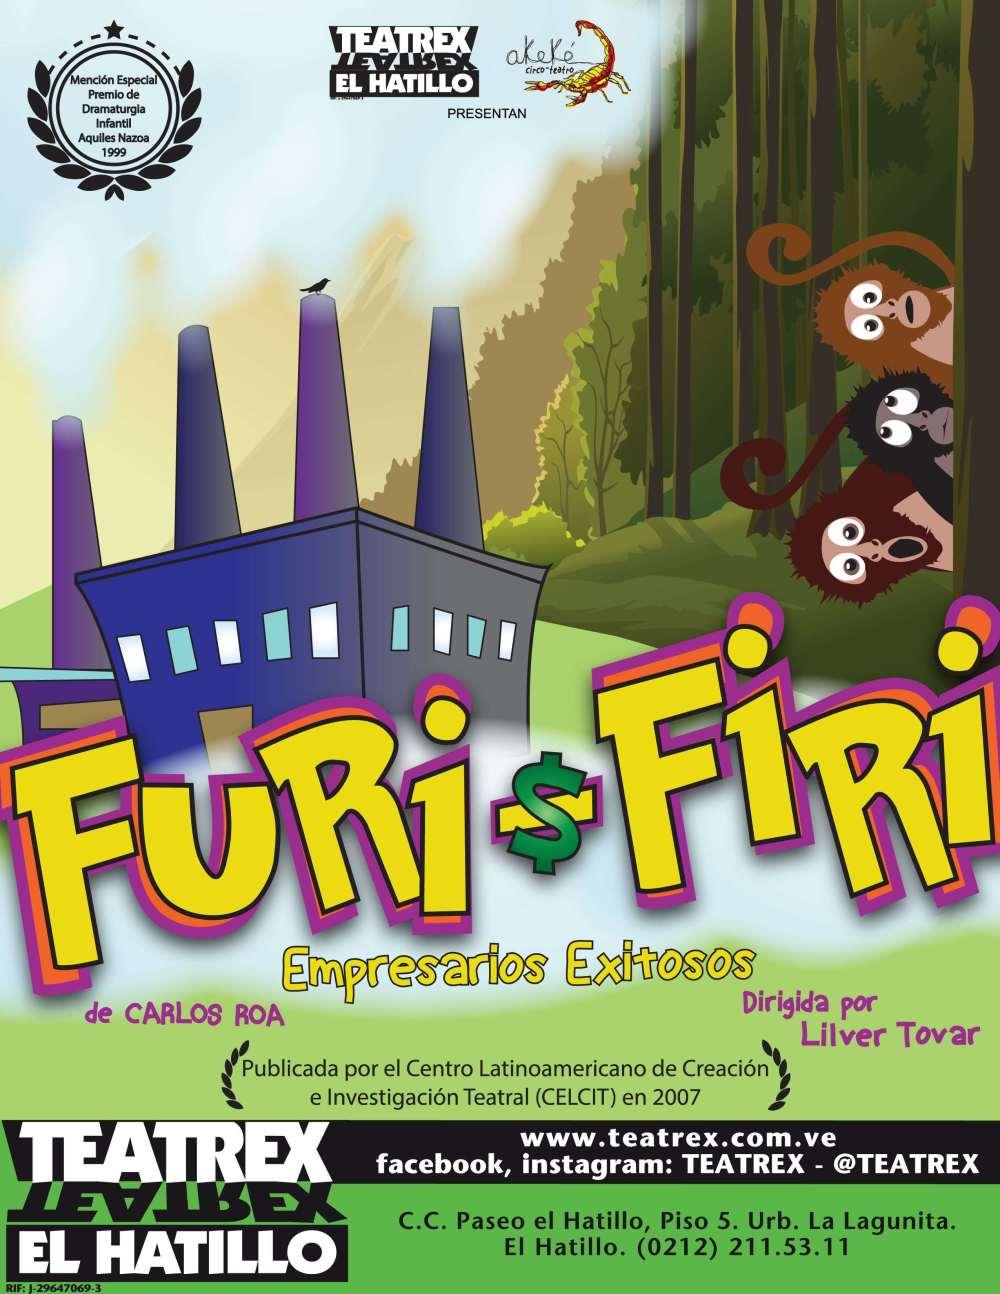 Furi-Firi: empresarios exitosos